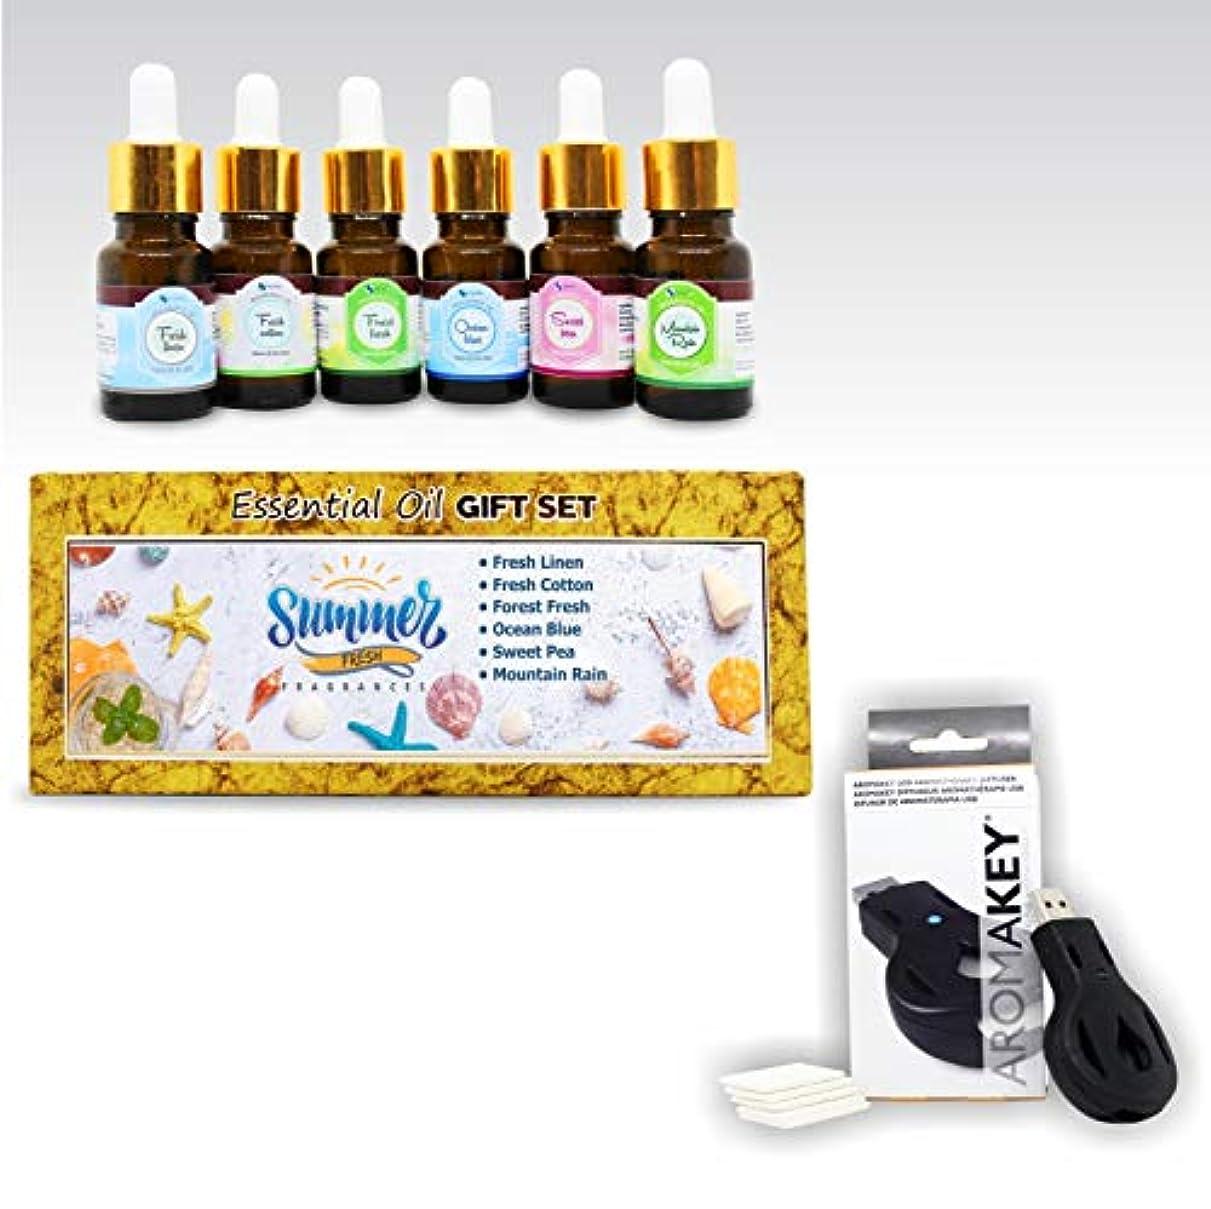 検索エンジン最適化マーチャンダイジングズボンAromatherapy Essential Oils - Summer Fresh (Pack of 6) 100% Pure & Natural Plus Aromakey USB Personal Diffuser...